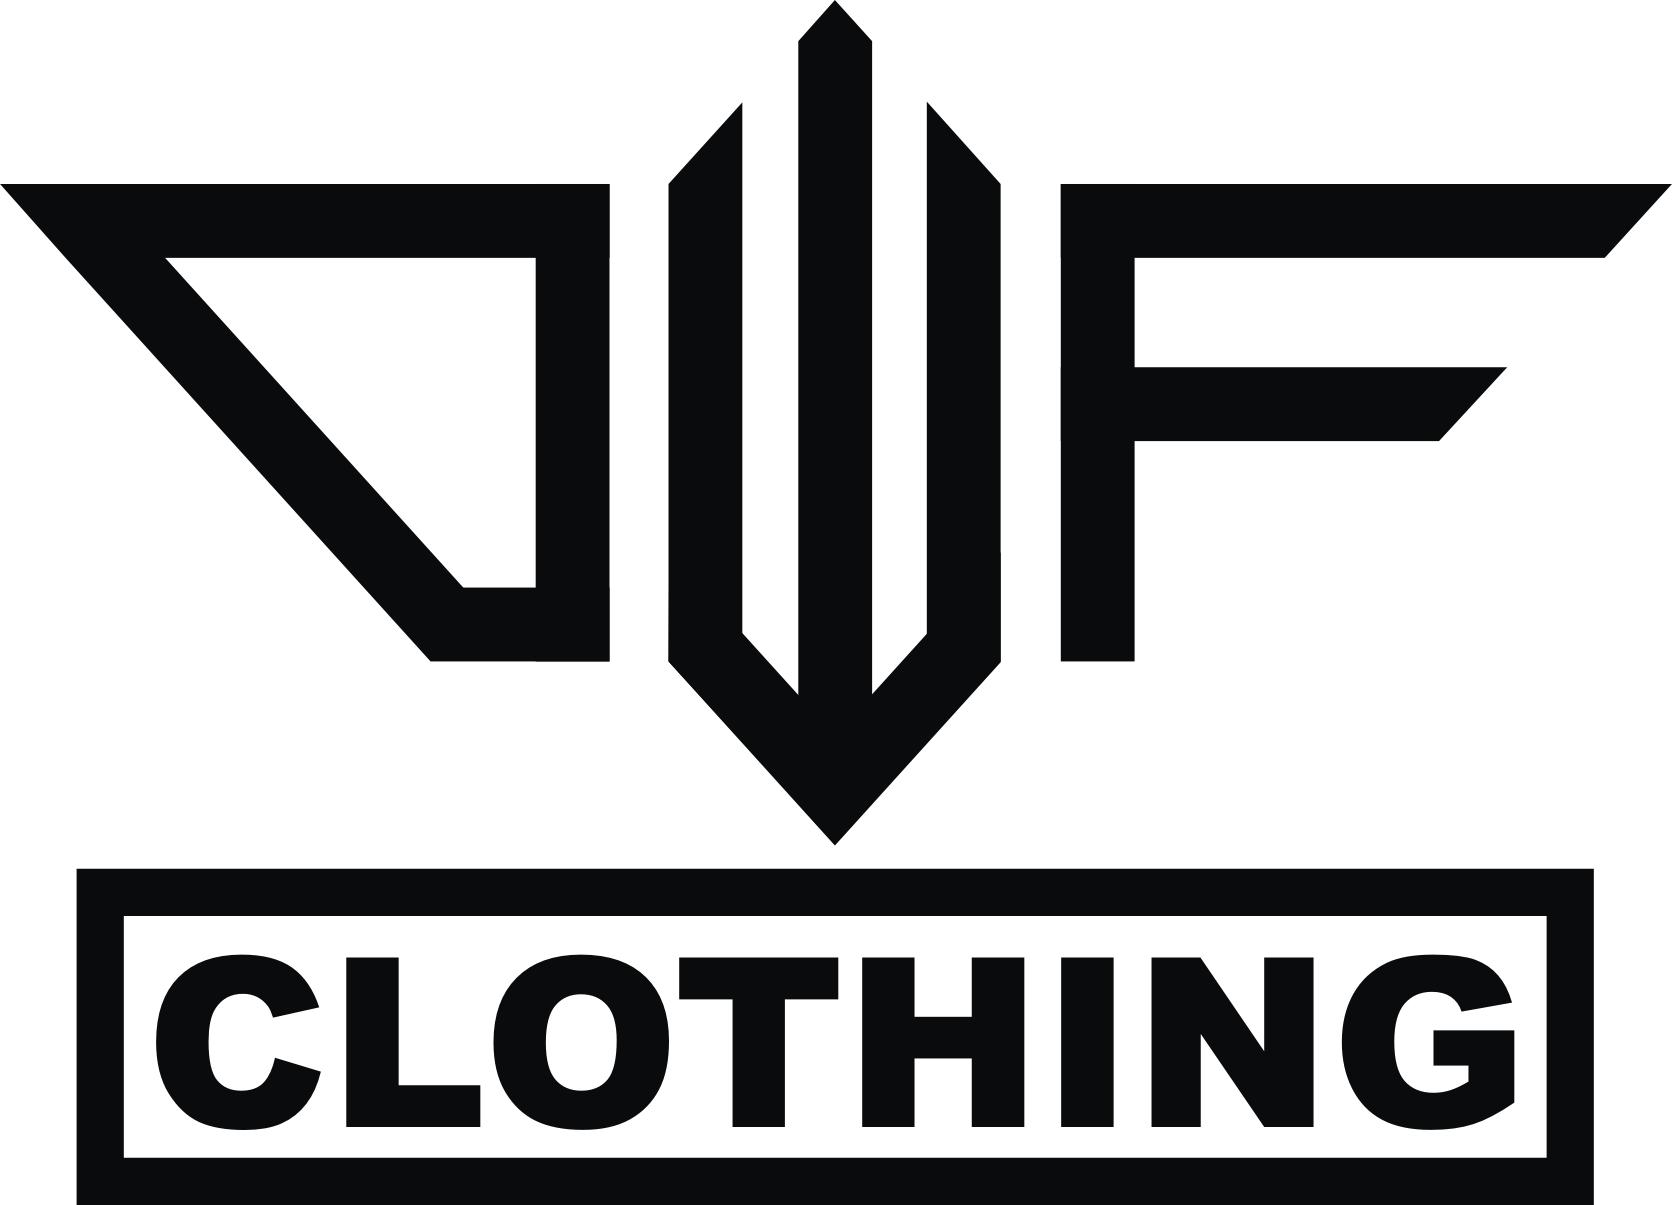 OWF-Clothing